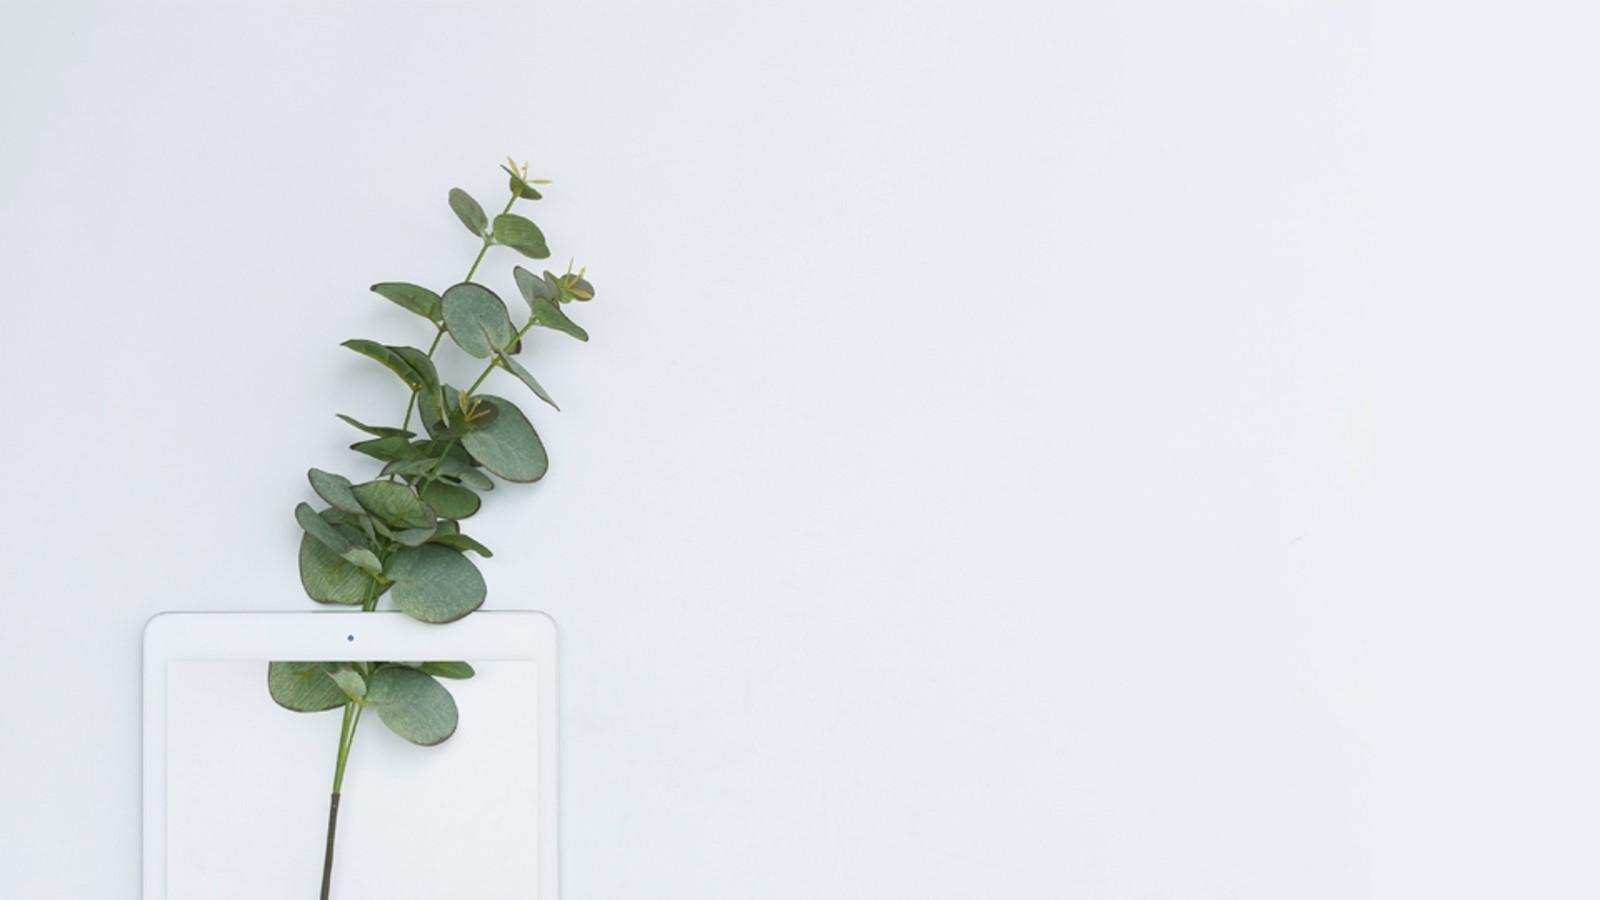 极简小清新绿色植物背景PPT模板